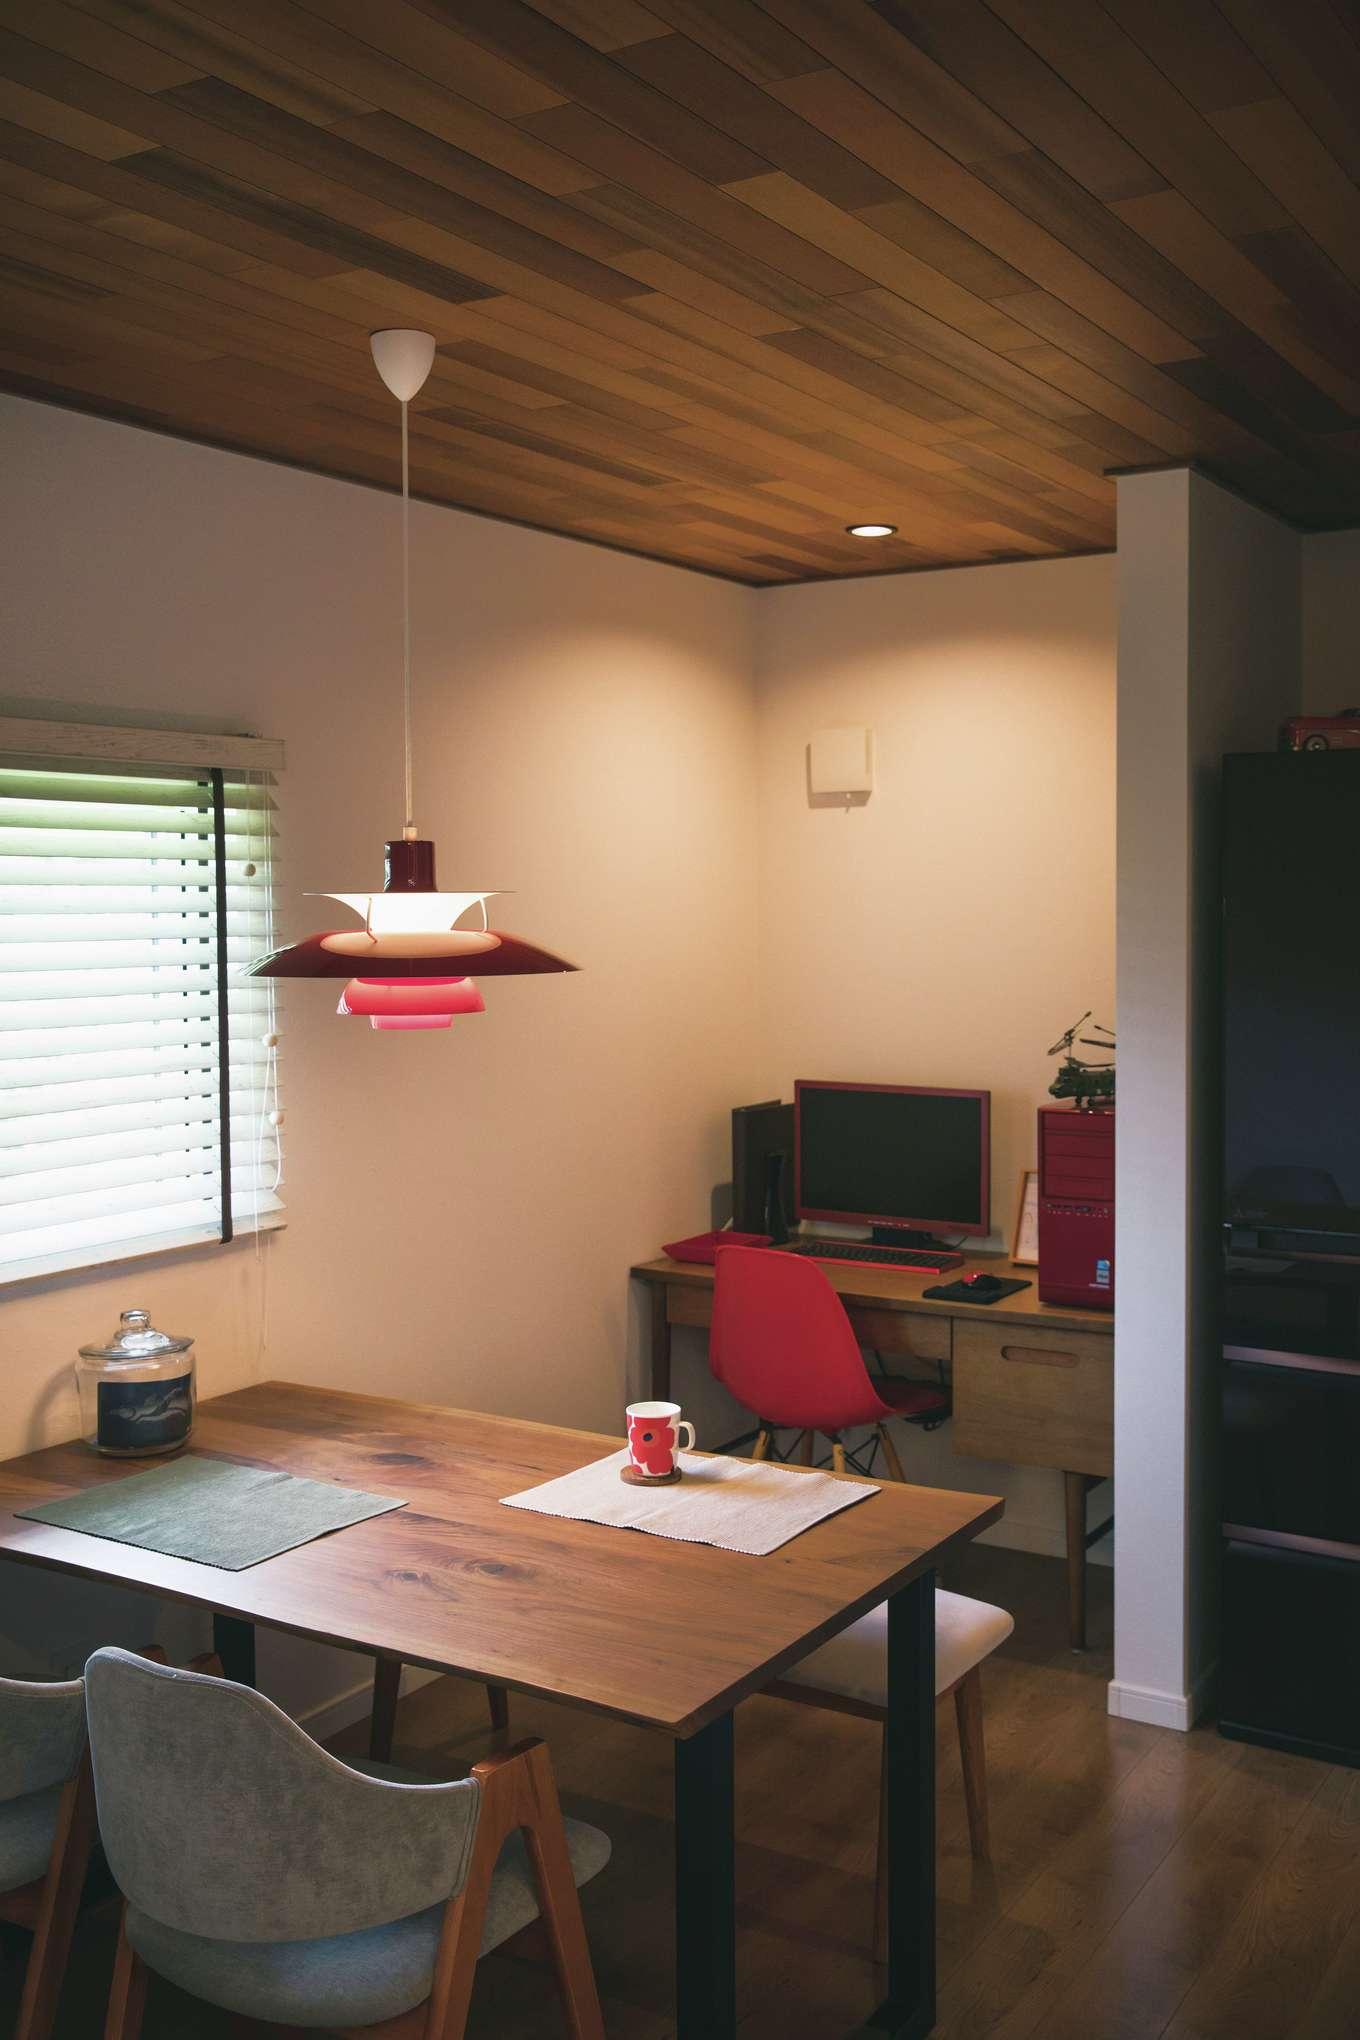 宮下工務店【デザイン住宅、間取り、インテリア】ダイニングは天井をレッドシダー張りにし、赤をアクセントに活かした